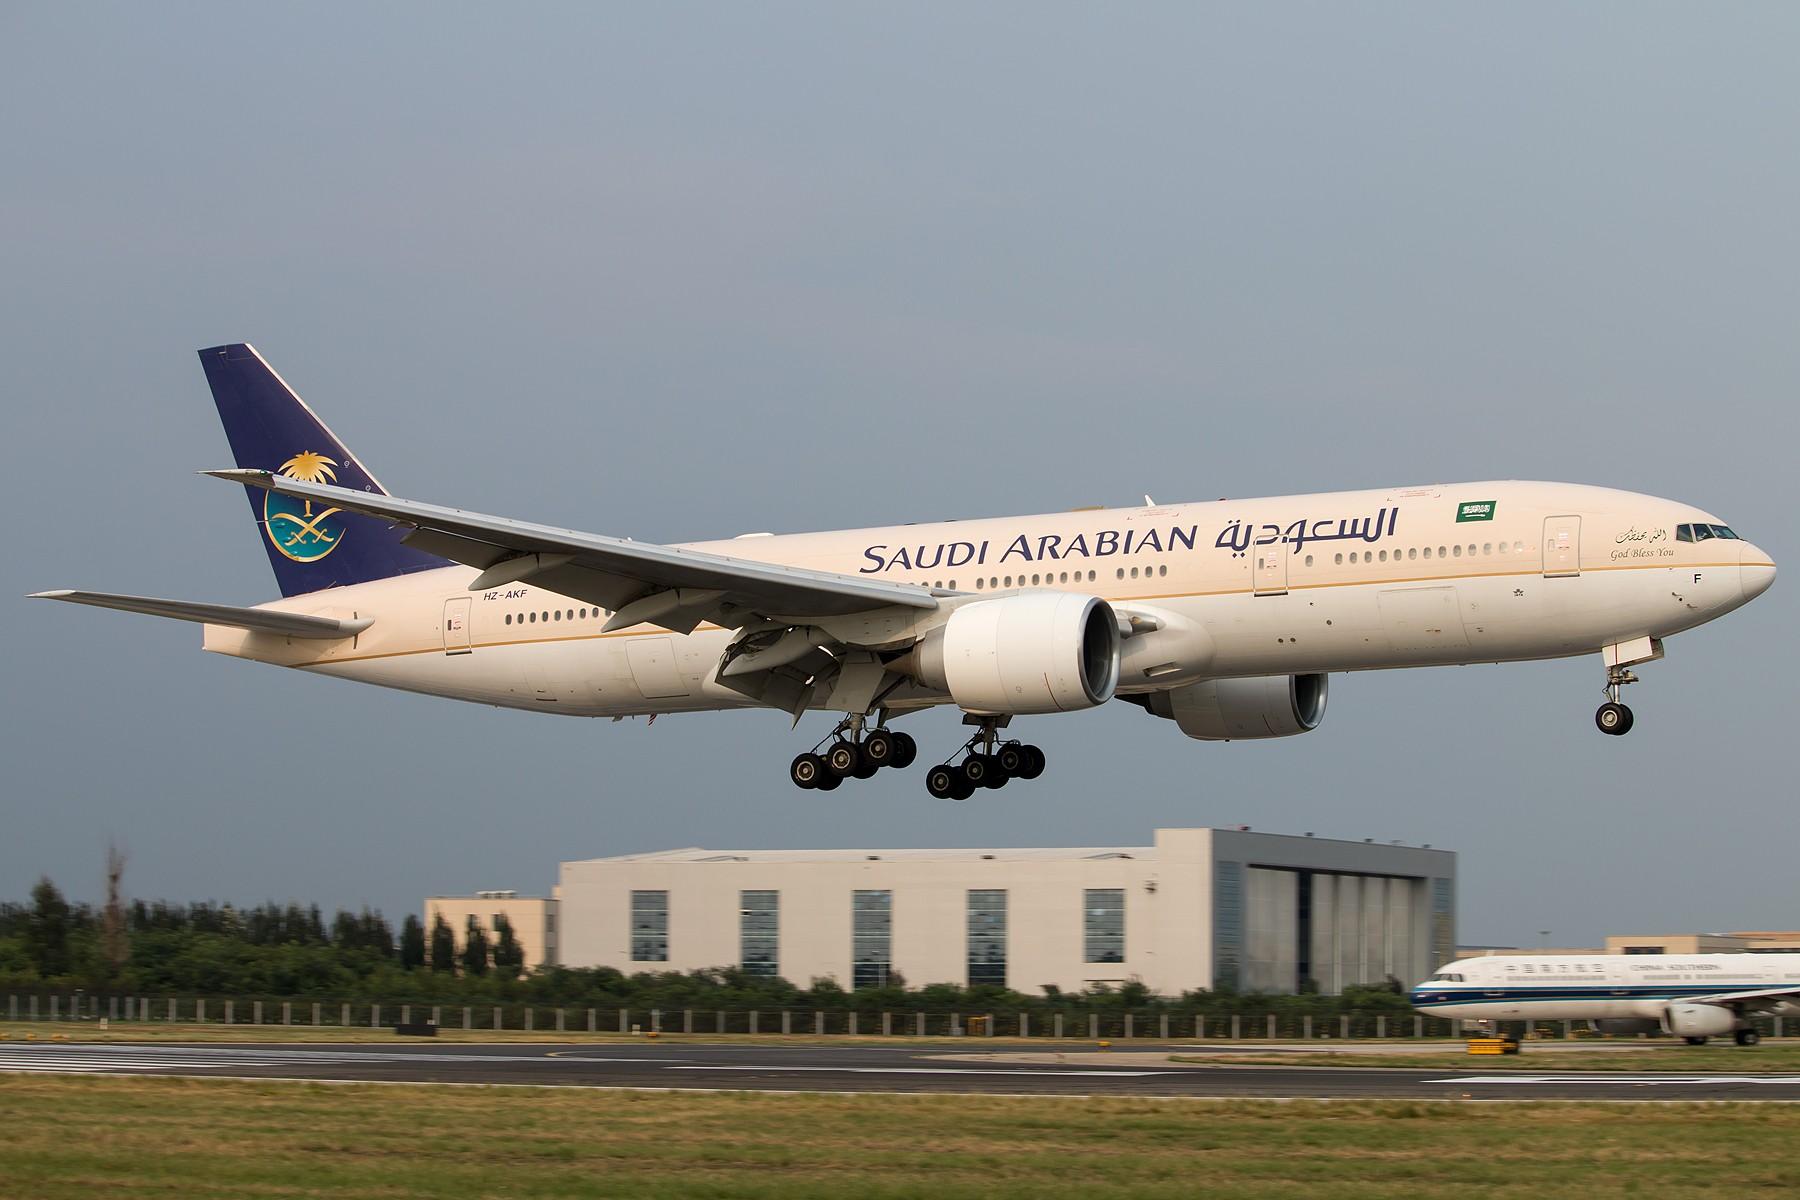 [一图党]沙特阿拉伯航空 HZ-AKF B777-200ER 1800*1200 BOEING B777-200ER HZ-AKF 中国北京首都国际机场